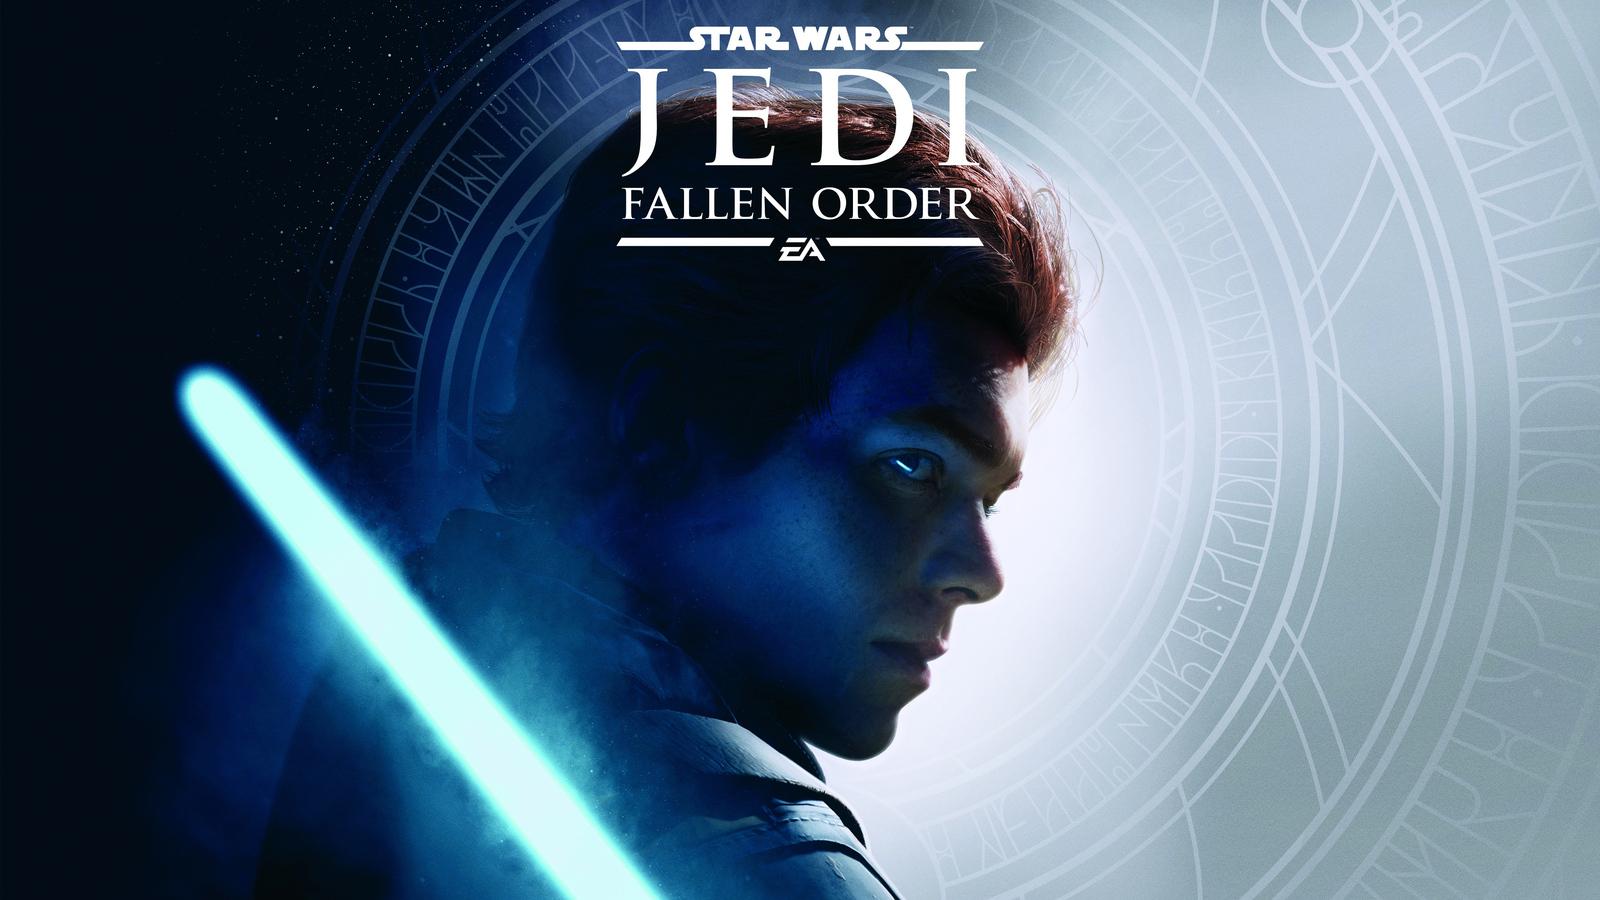 star-wars-jedi-fallen-order-4k-2019-9k.jpg